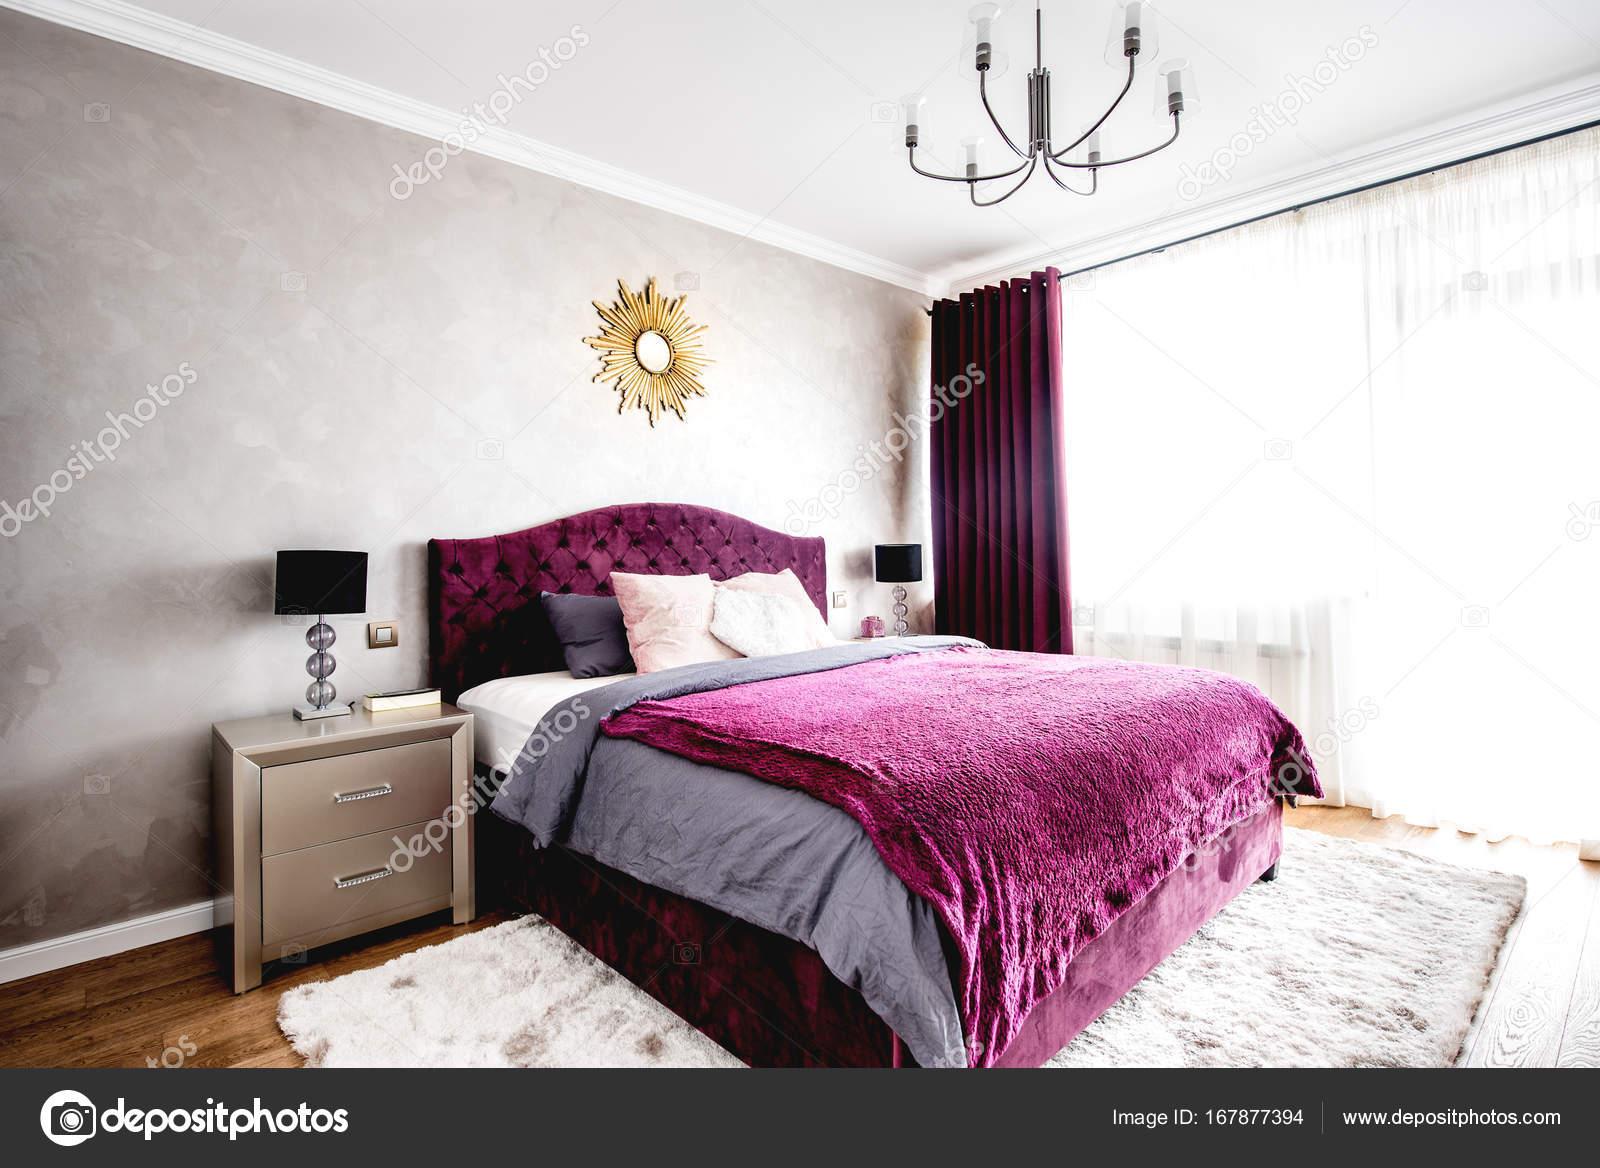 Slaapkamer Warme Kleuren : Ruime slaapkamer met tweepersoonsbed design moderne meubels en